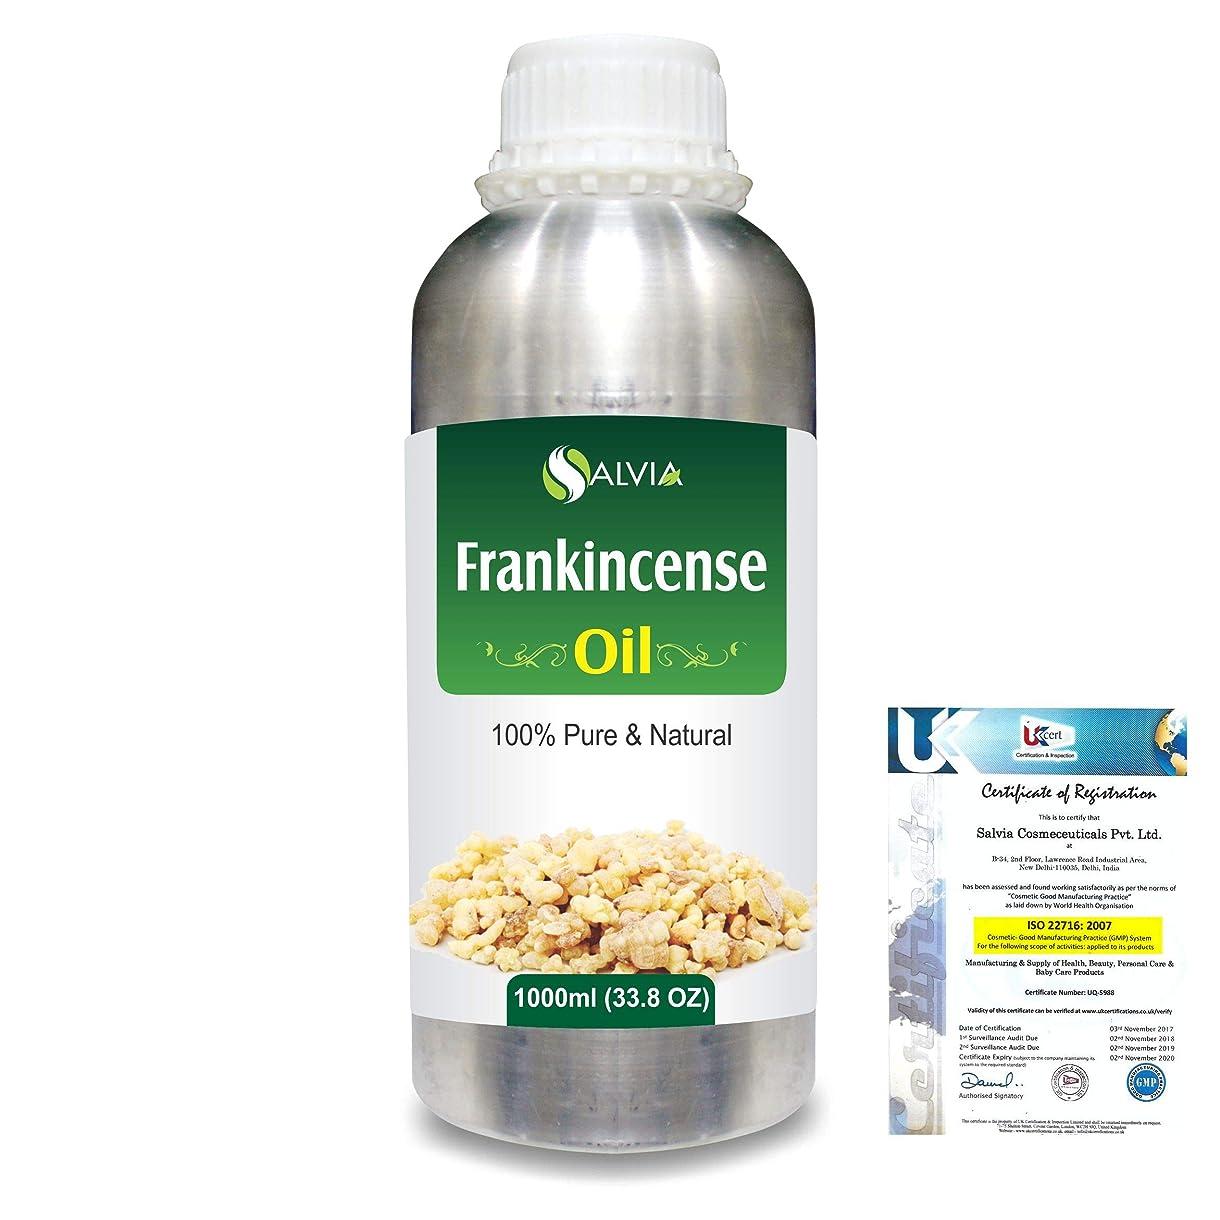 悪意のある住人要求Frankincense (Boswellia carteri) 100% Natural Pure Essential Oil 1000ml/33.8fl.oz.